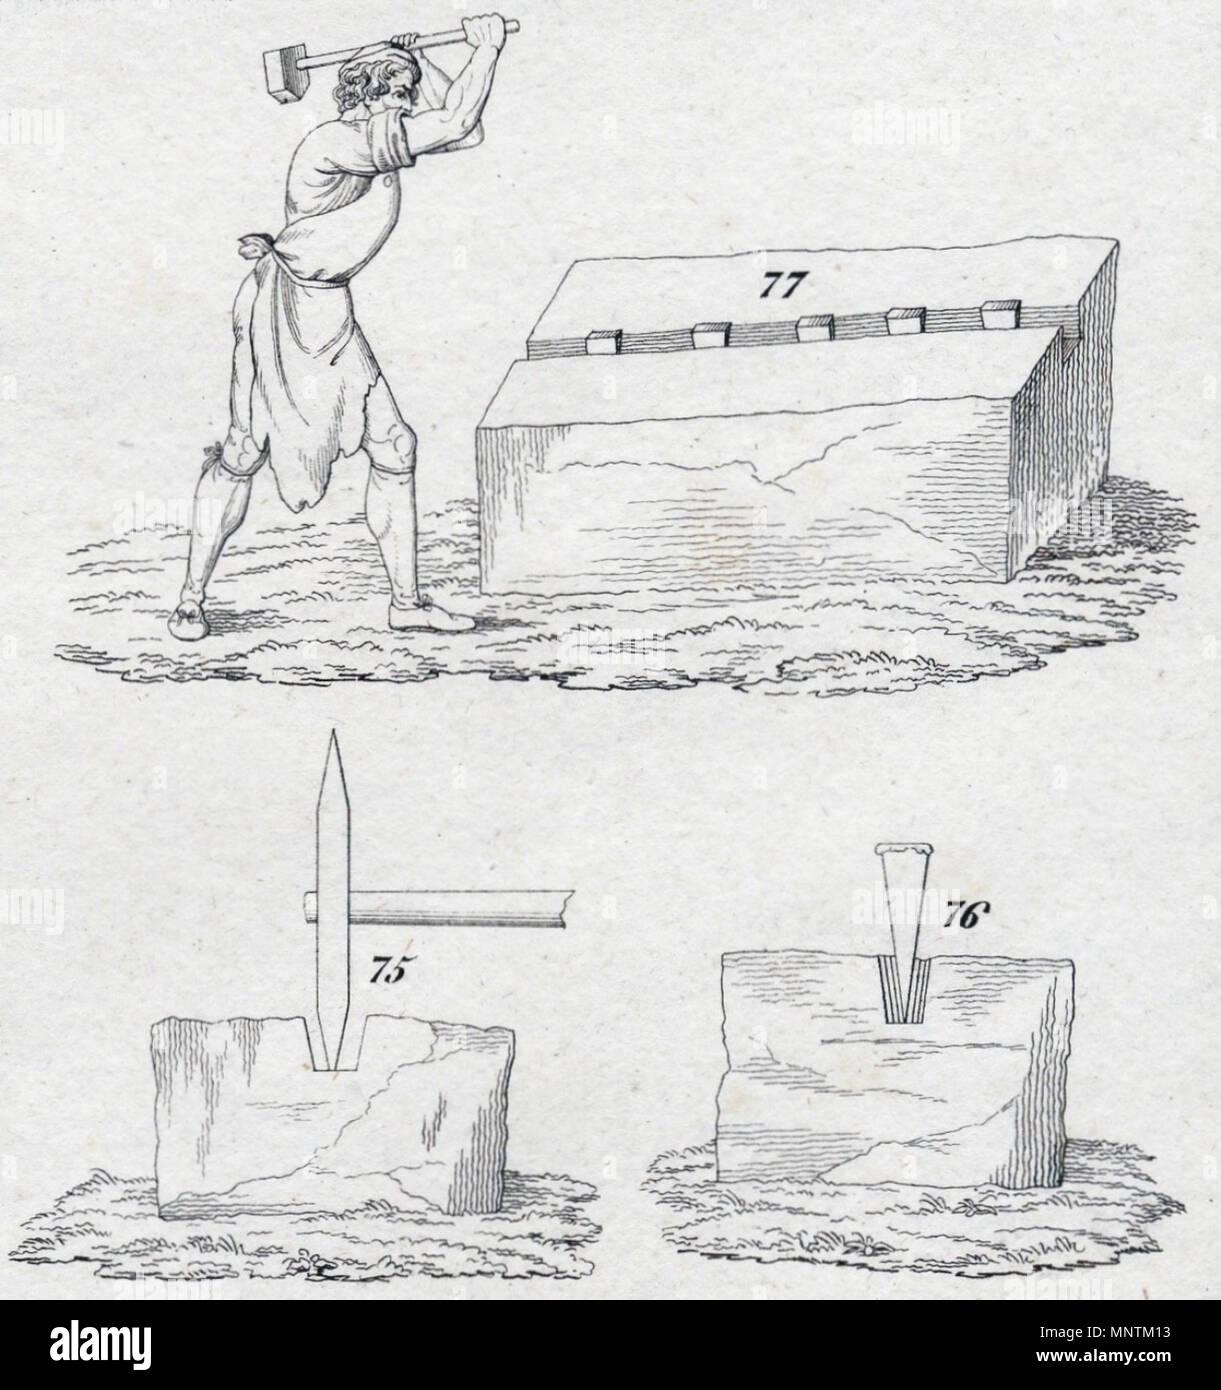 . English: quarryman at work (copper engraving 1833) Deutsch: Steinhauer bei der Arbeit (Kupferstich 1833) . 1833. Unknown 1034 Quarryman 1833 - Stock Image